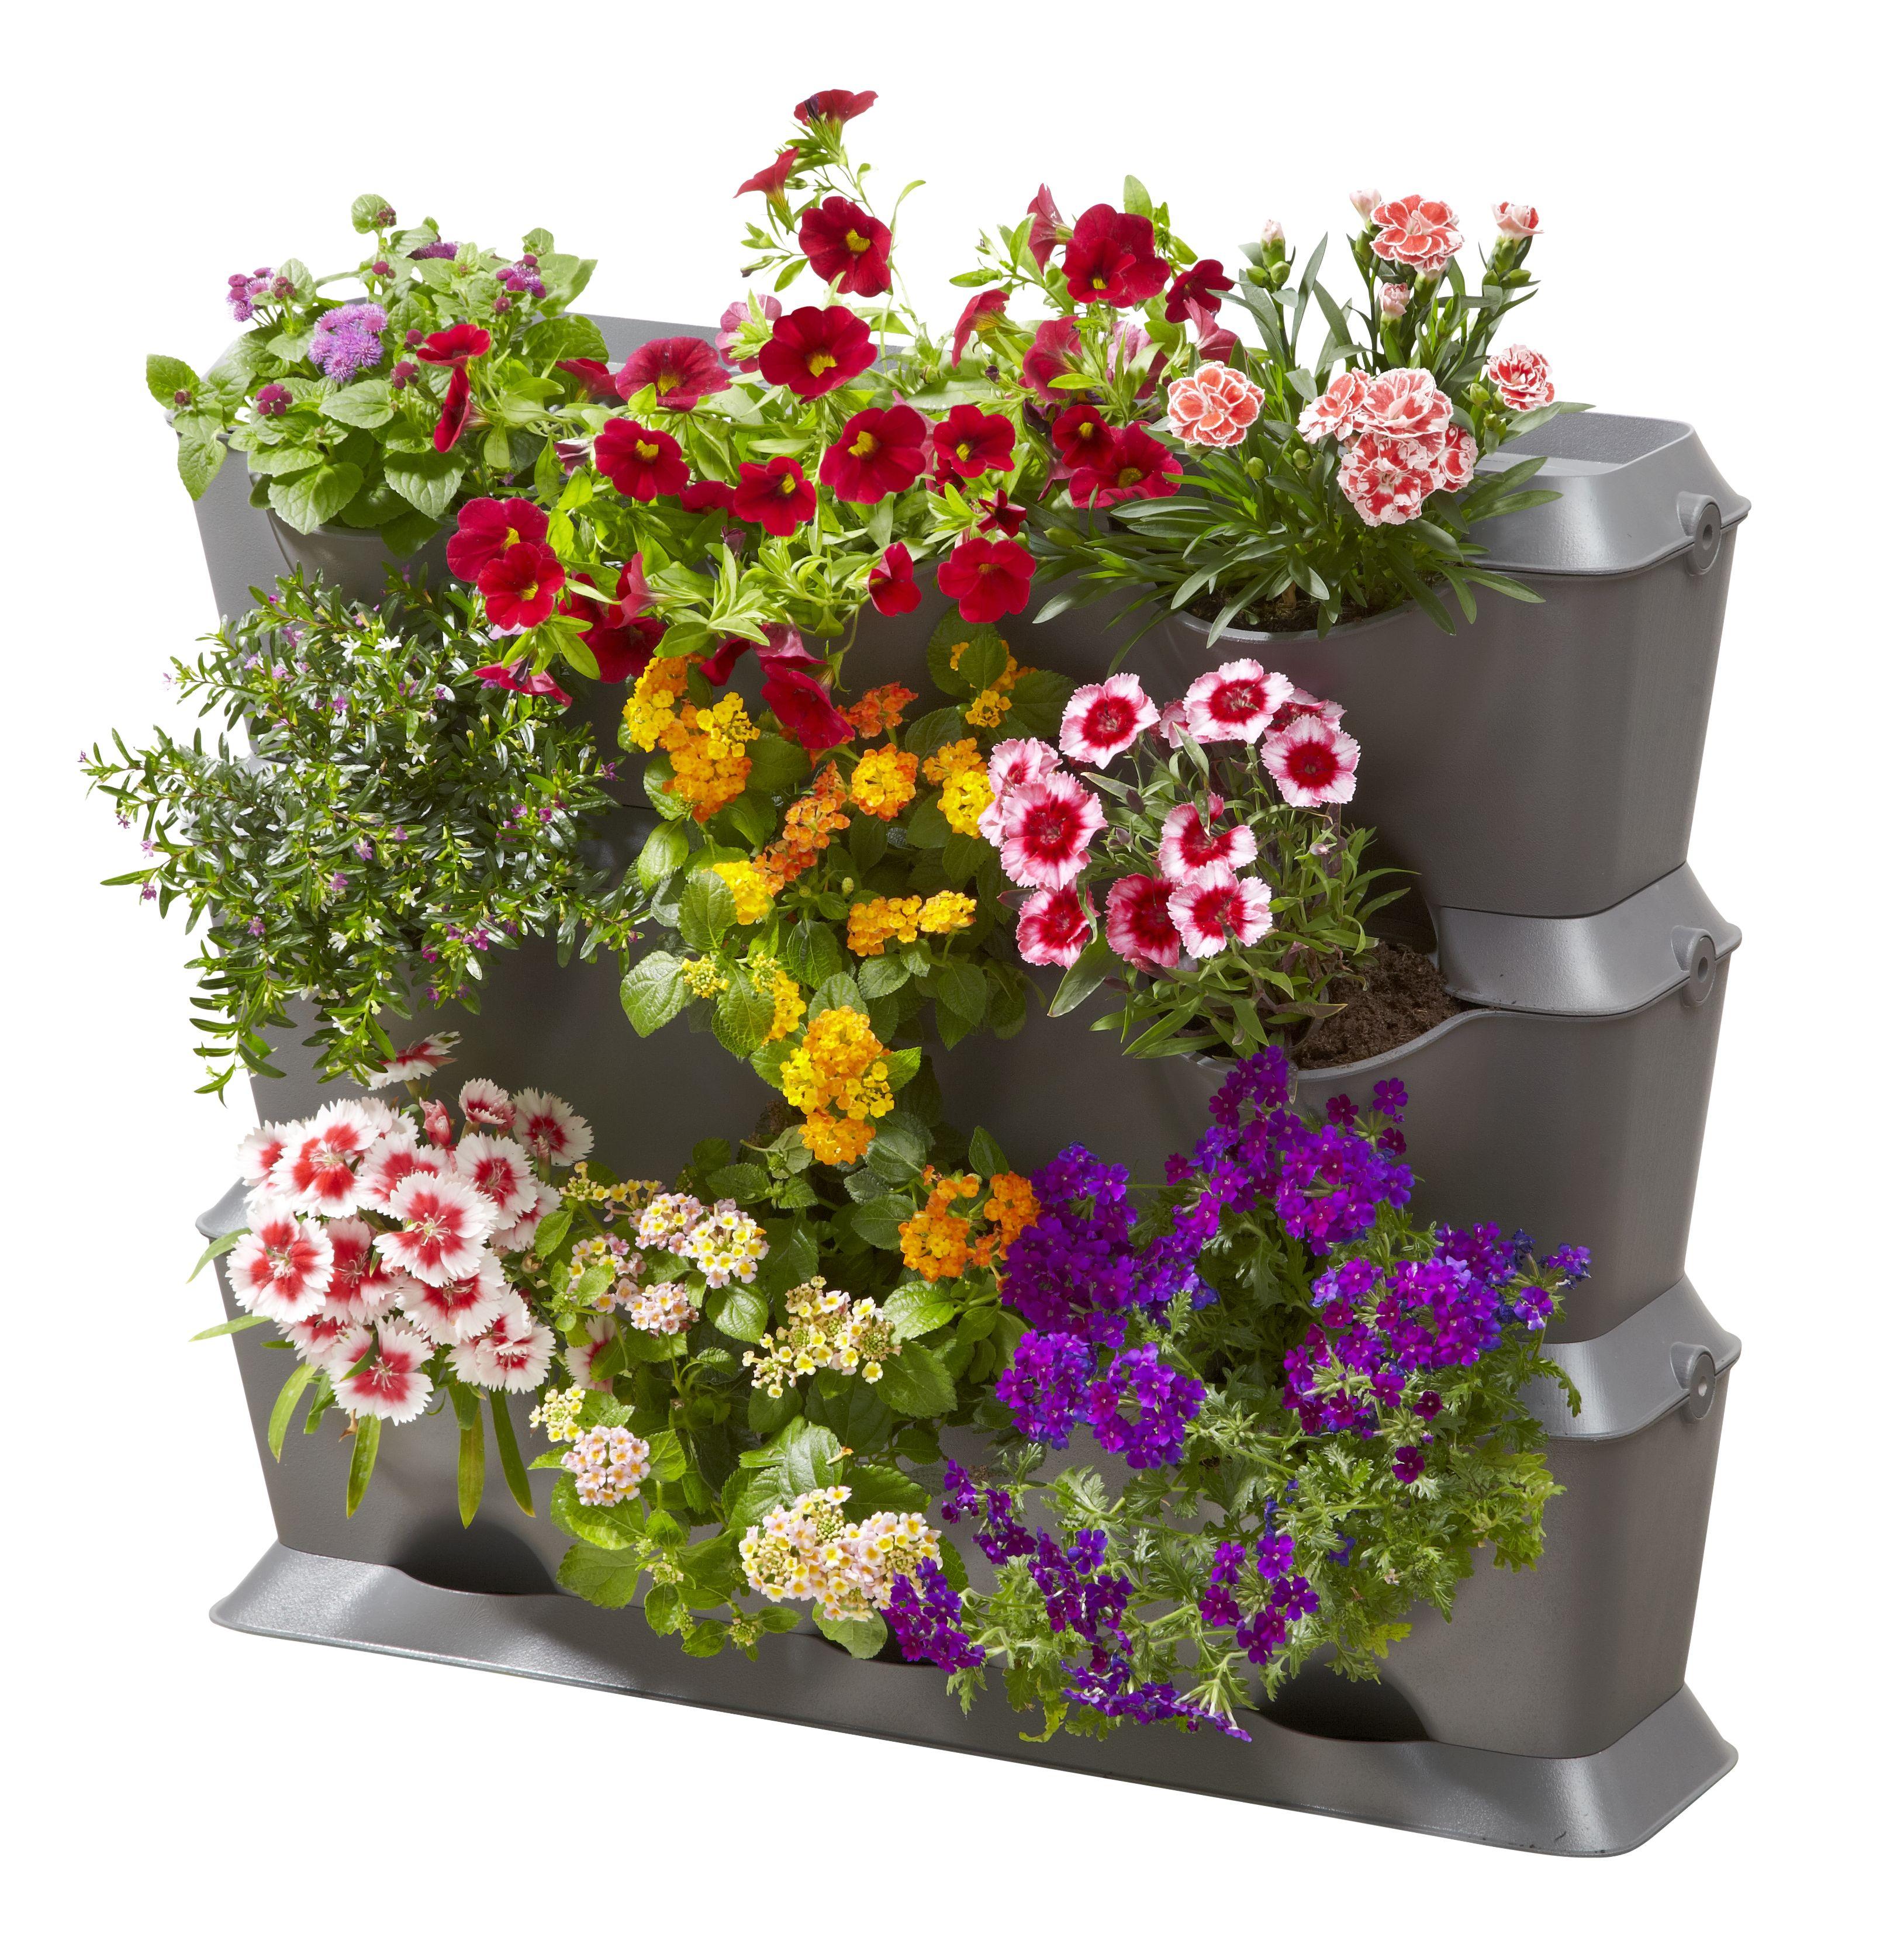 Verticaal tuinieren op je terras, balkon of dakterras met stapelbaar plantenbakken systeem #moestuin #kruidentuin #tuinieren #balkon #terras #dakterras #tuin